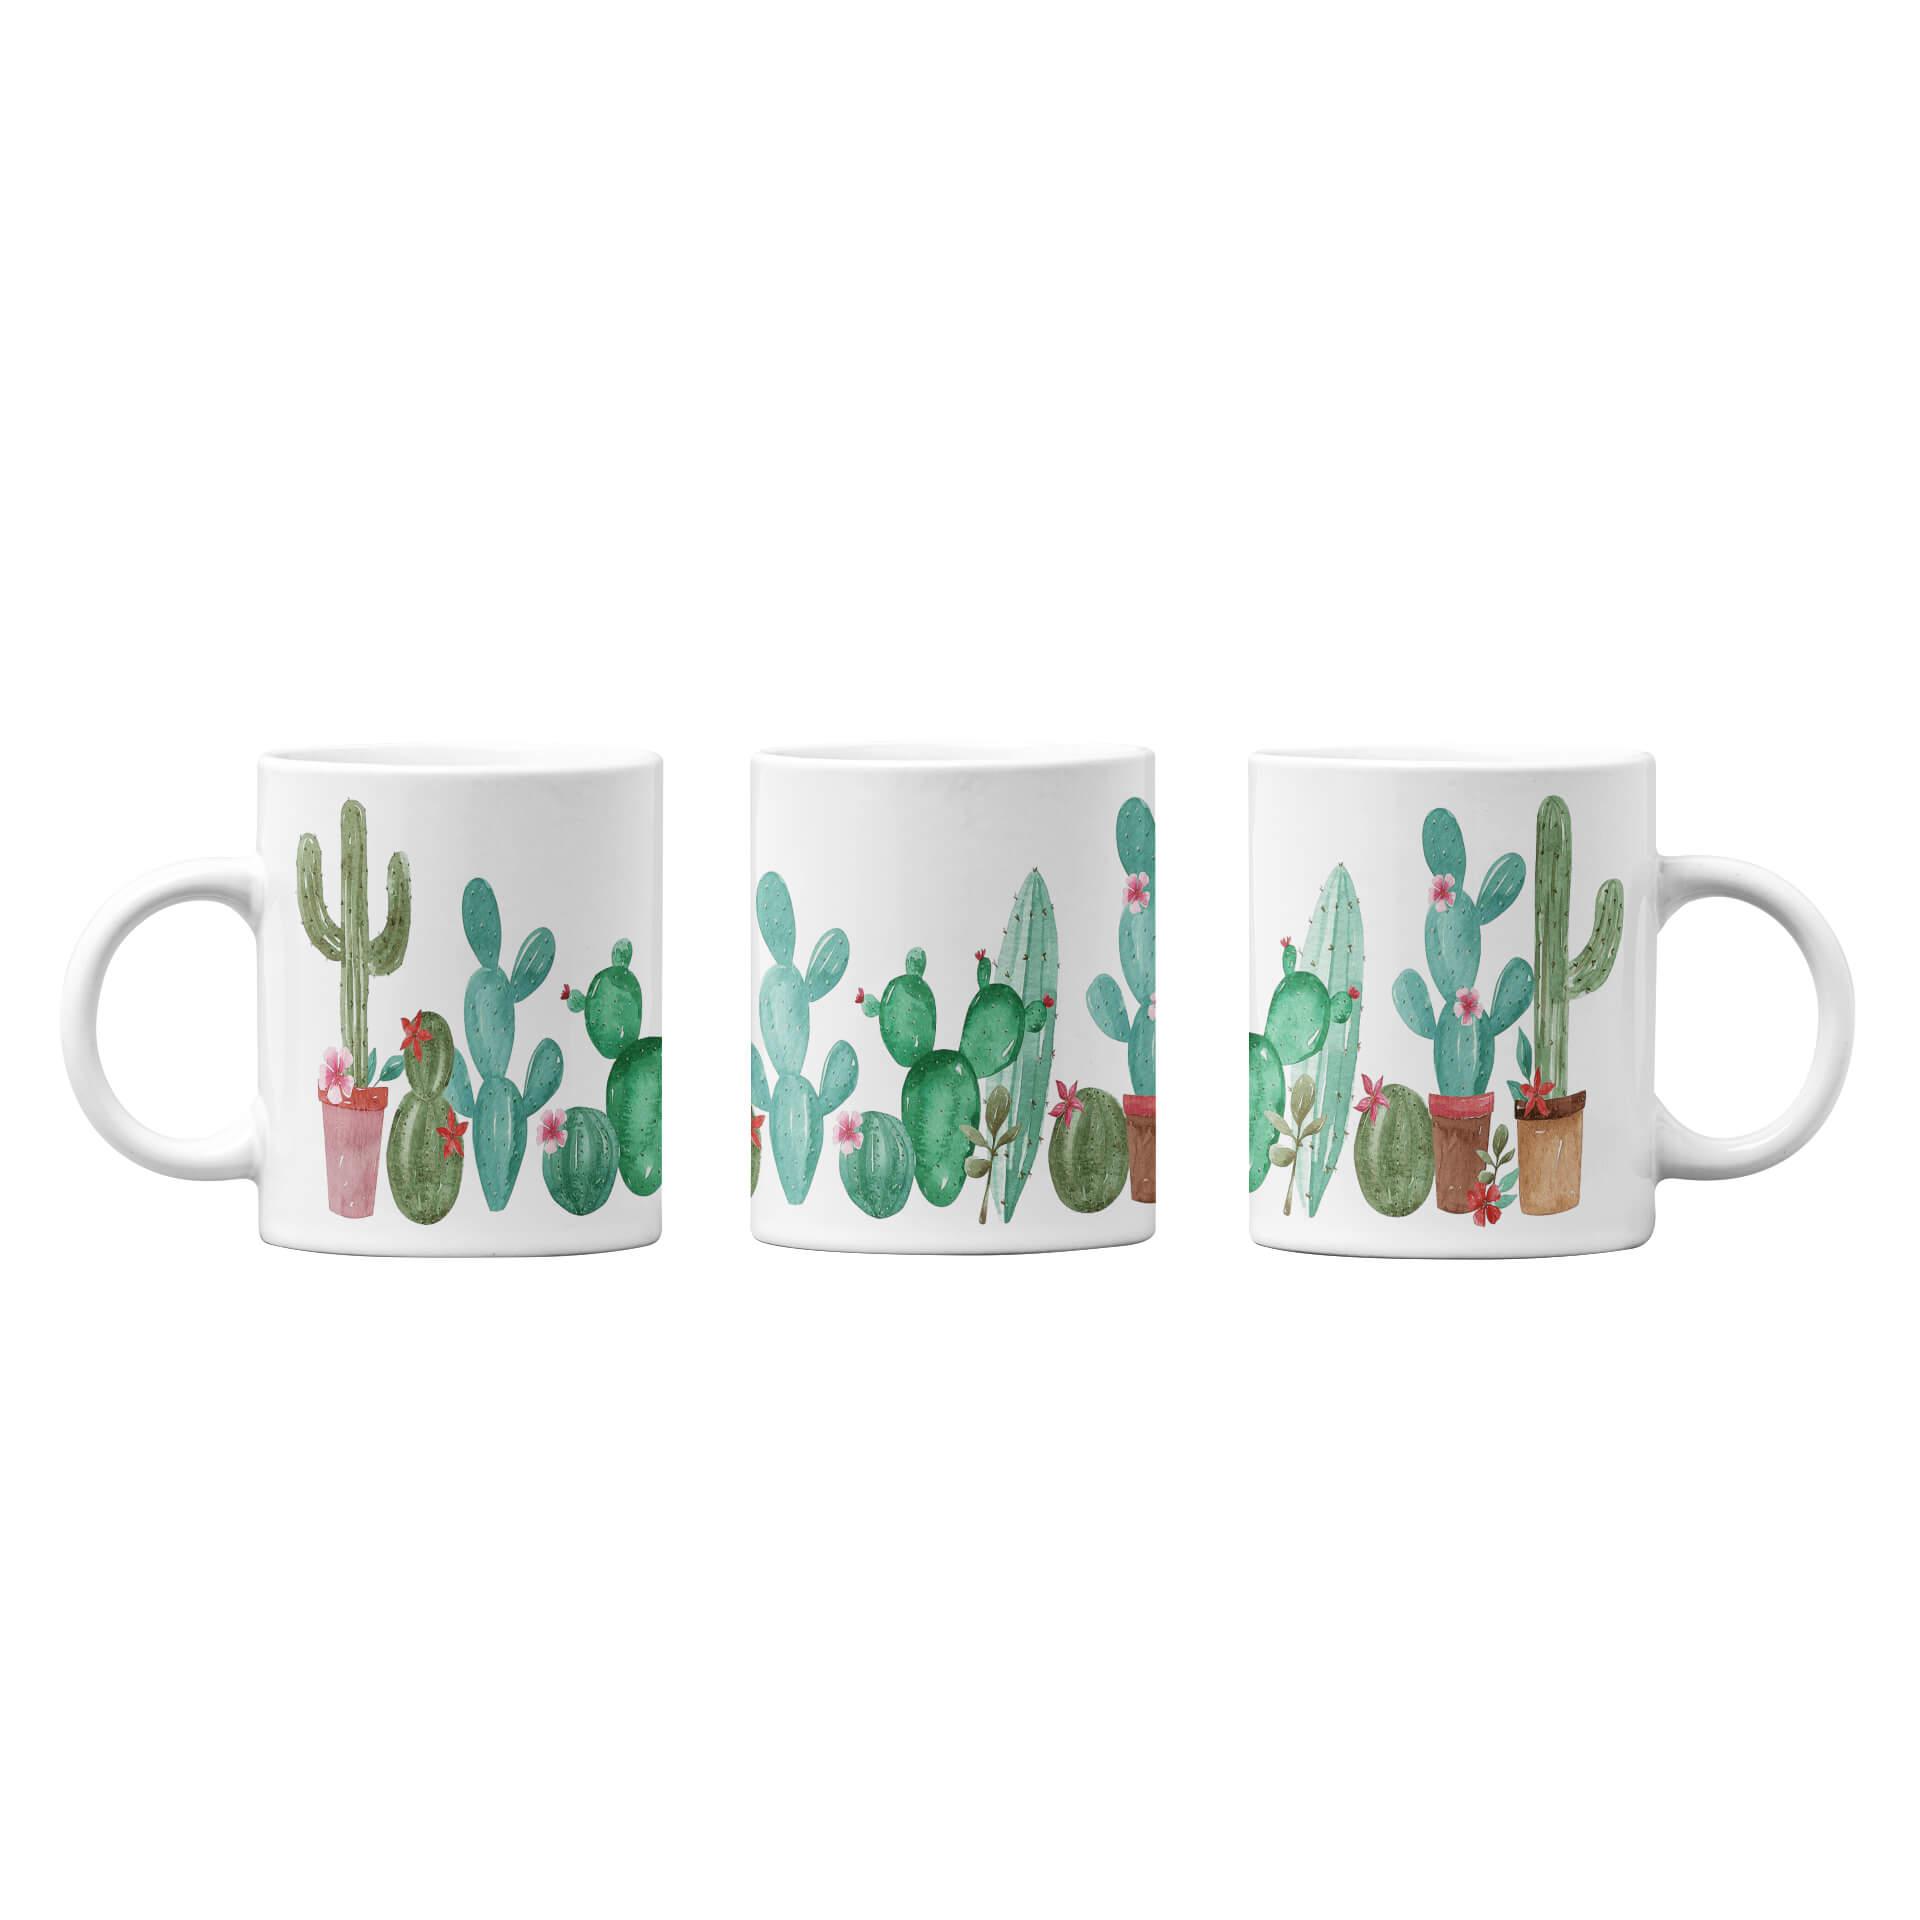 Water Color Cactus No. 1 Mug